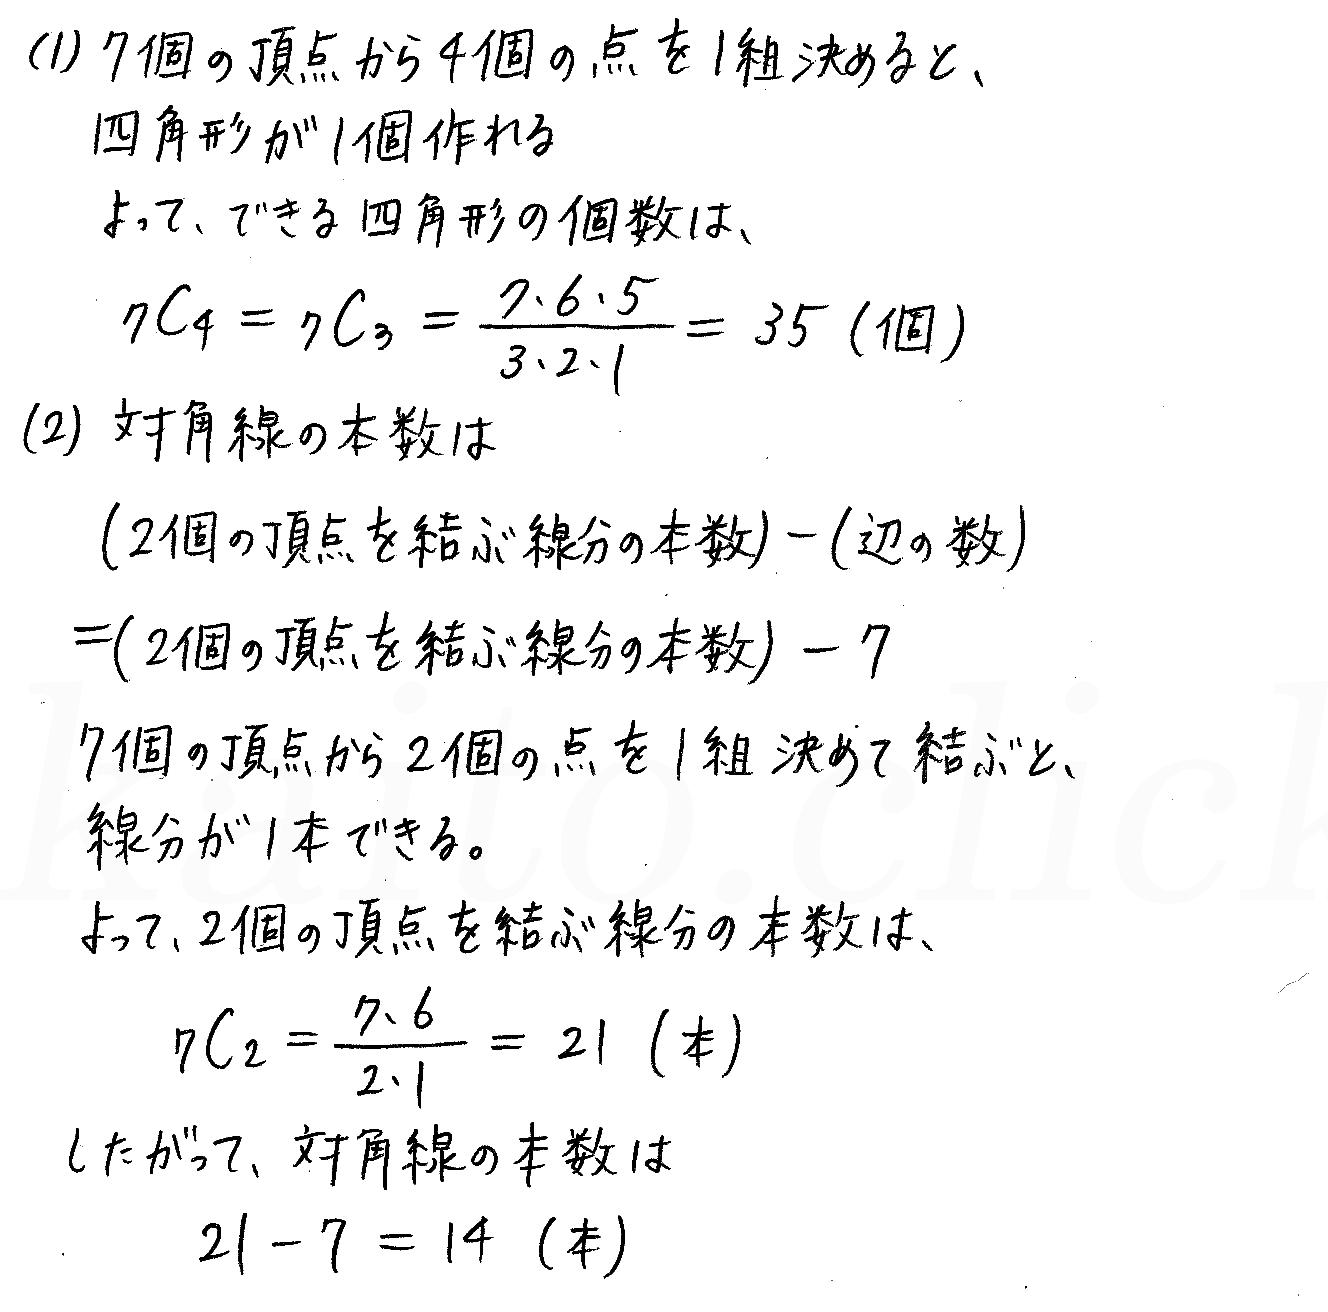 クリアー数学A-67解答